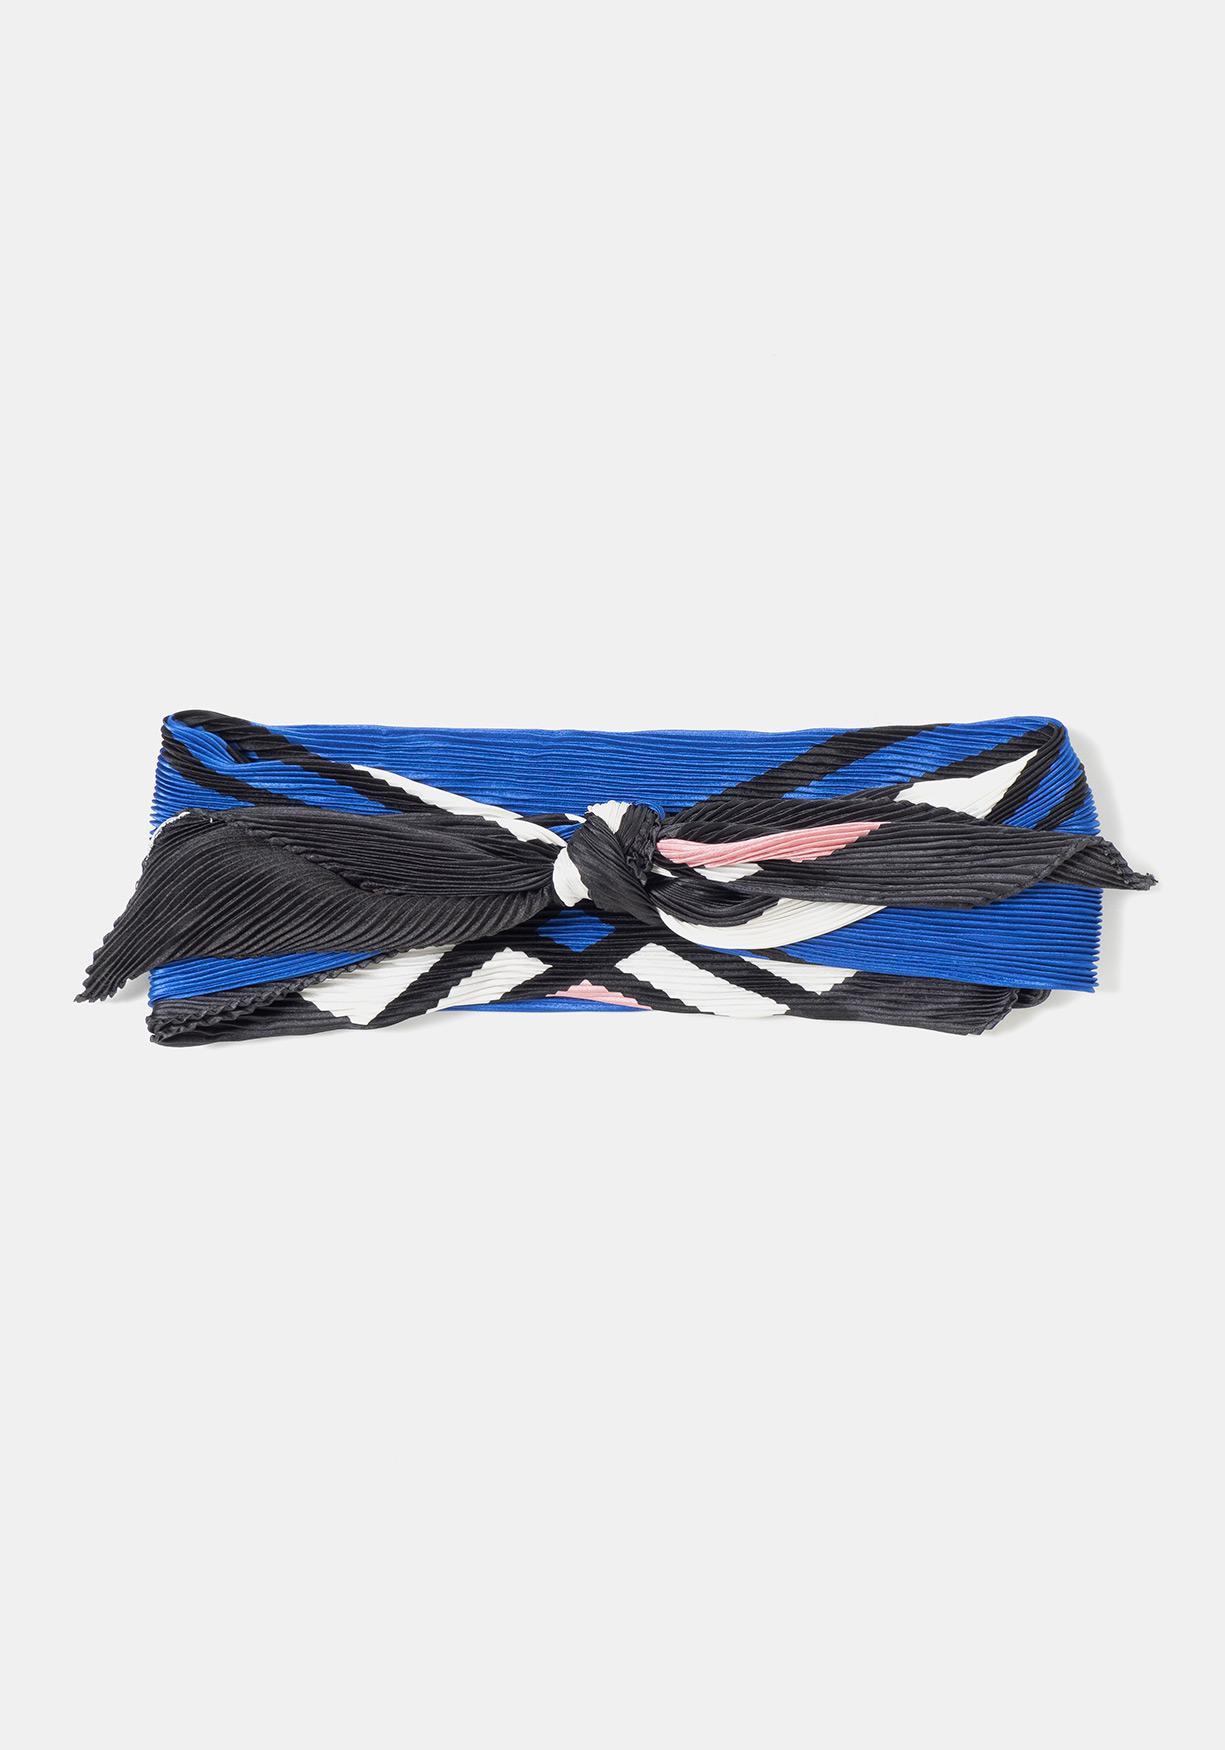 Comprar Pañuelo estampado. ¡Aprovéchate de nuestros precios y ... 1298df2108c